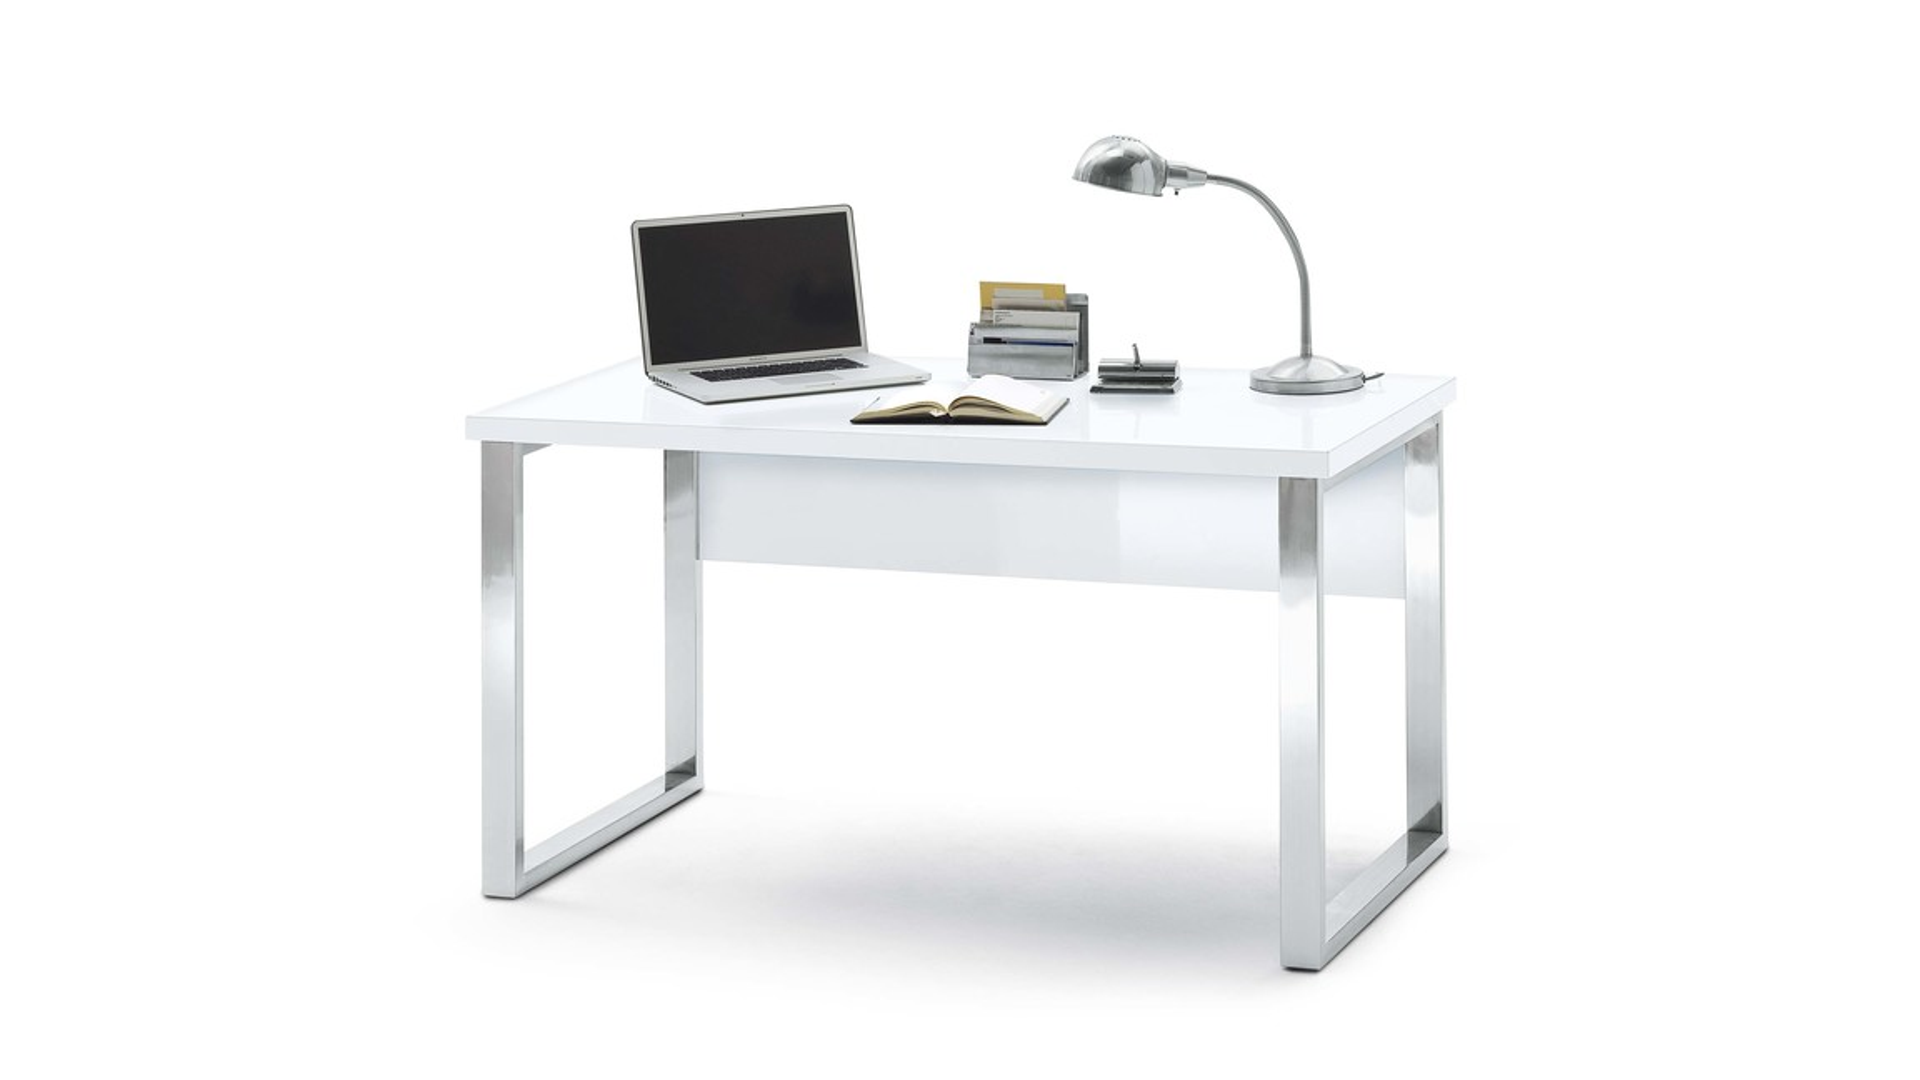 Schreibtisch fürs Wohnzimmer oder Home Office